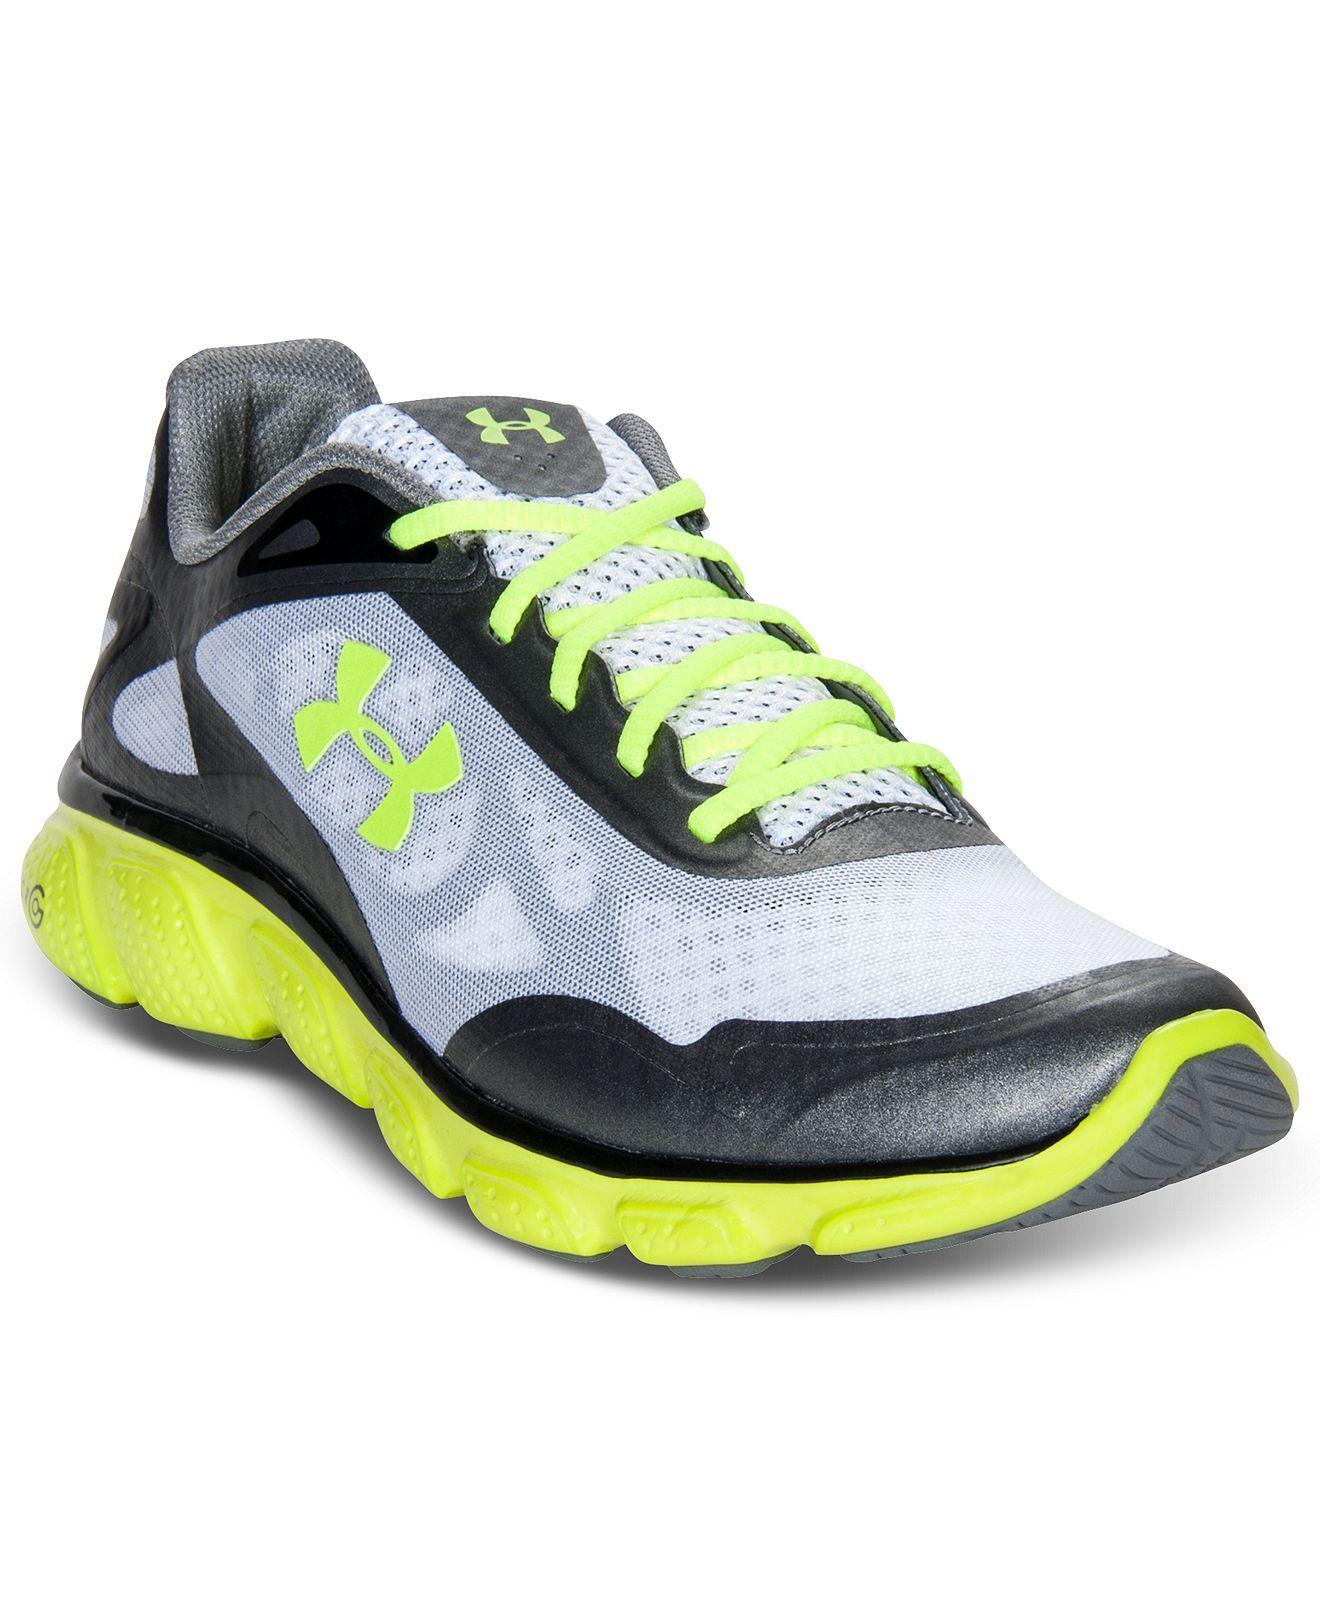 9b8537919e Under Armour Men s Shoes